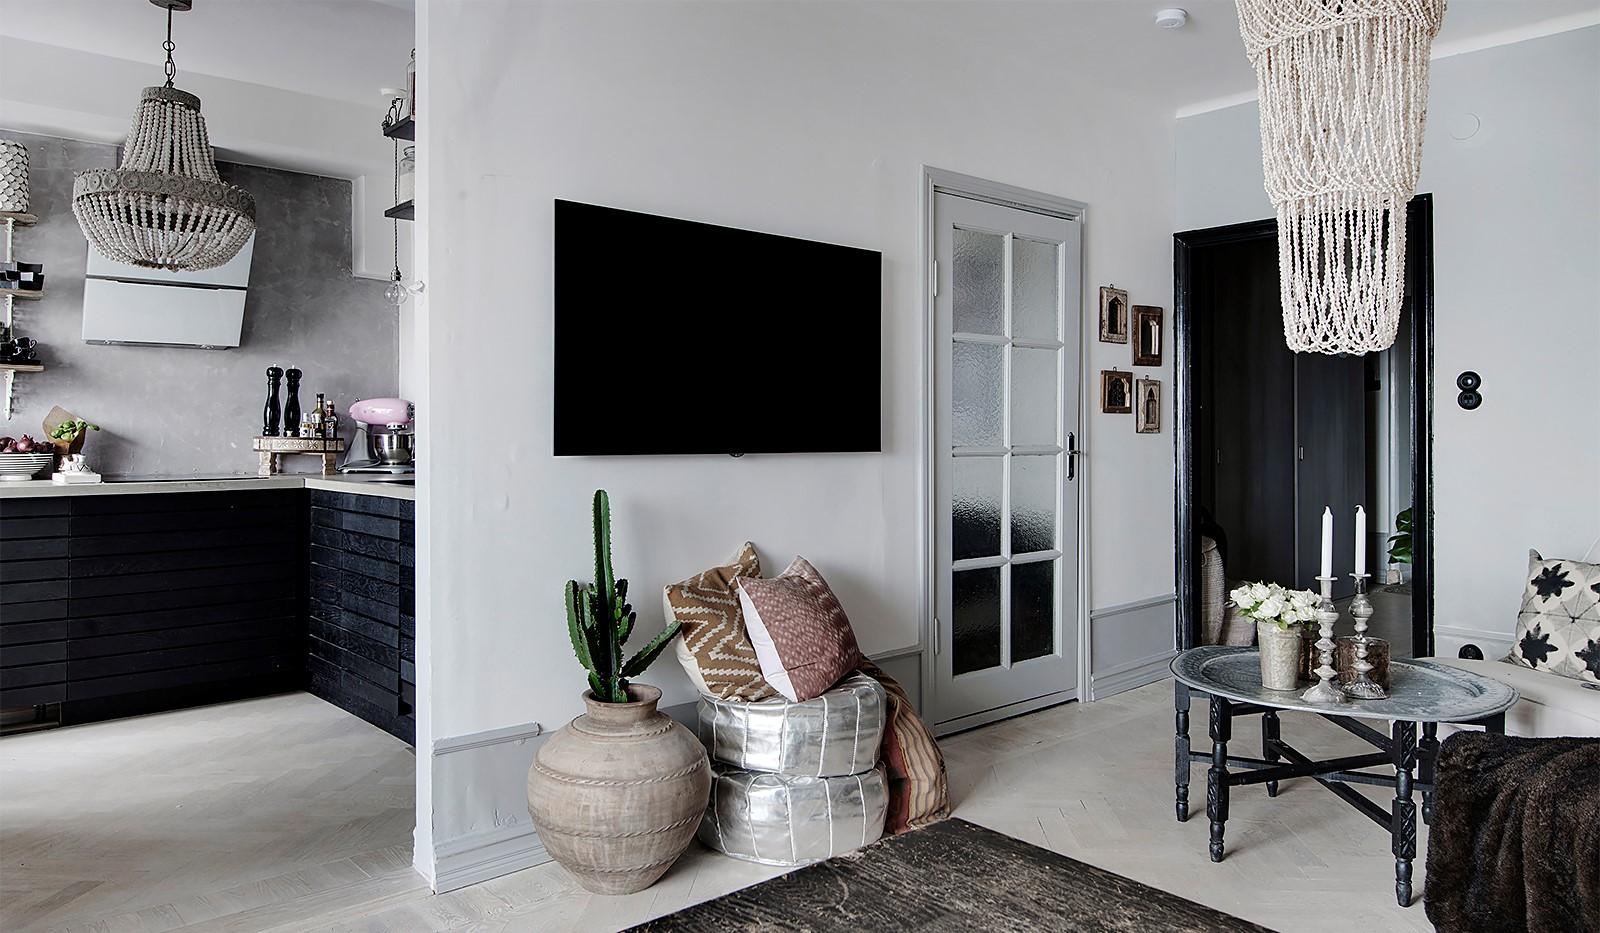 Bergsunds Strand 31, 5 tr, Accepterat pris - Öppen planlösning mellan kök och vardagsrum